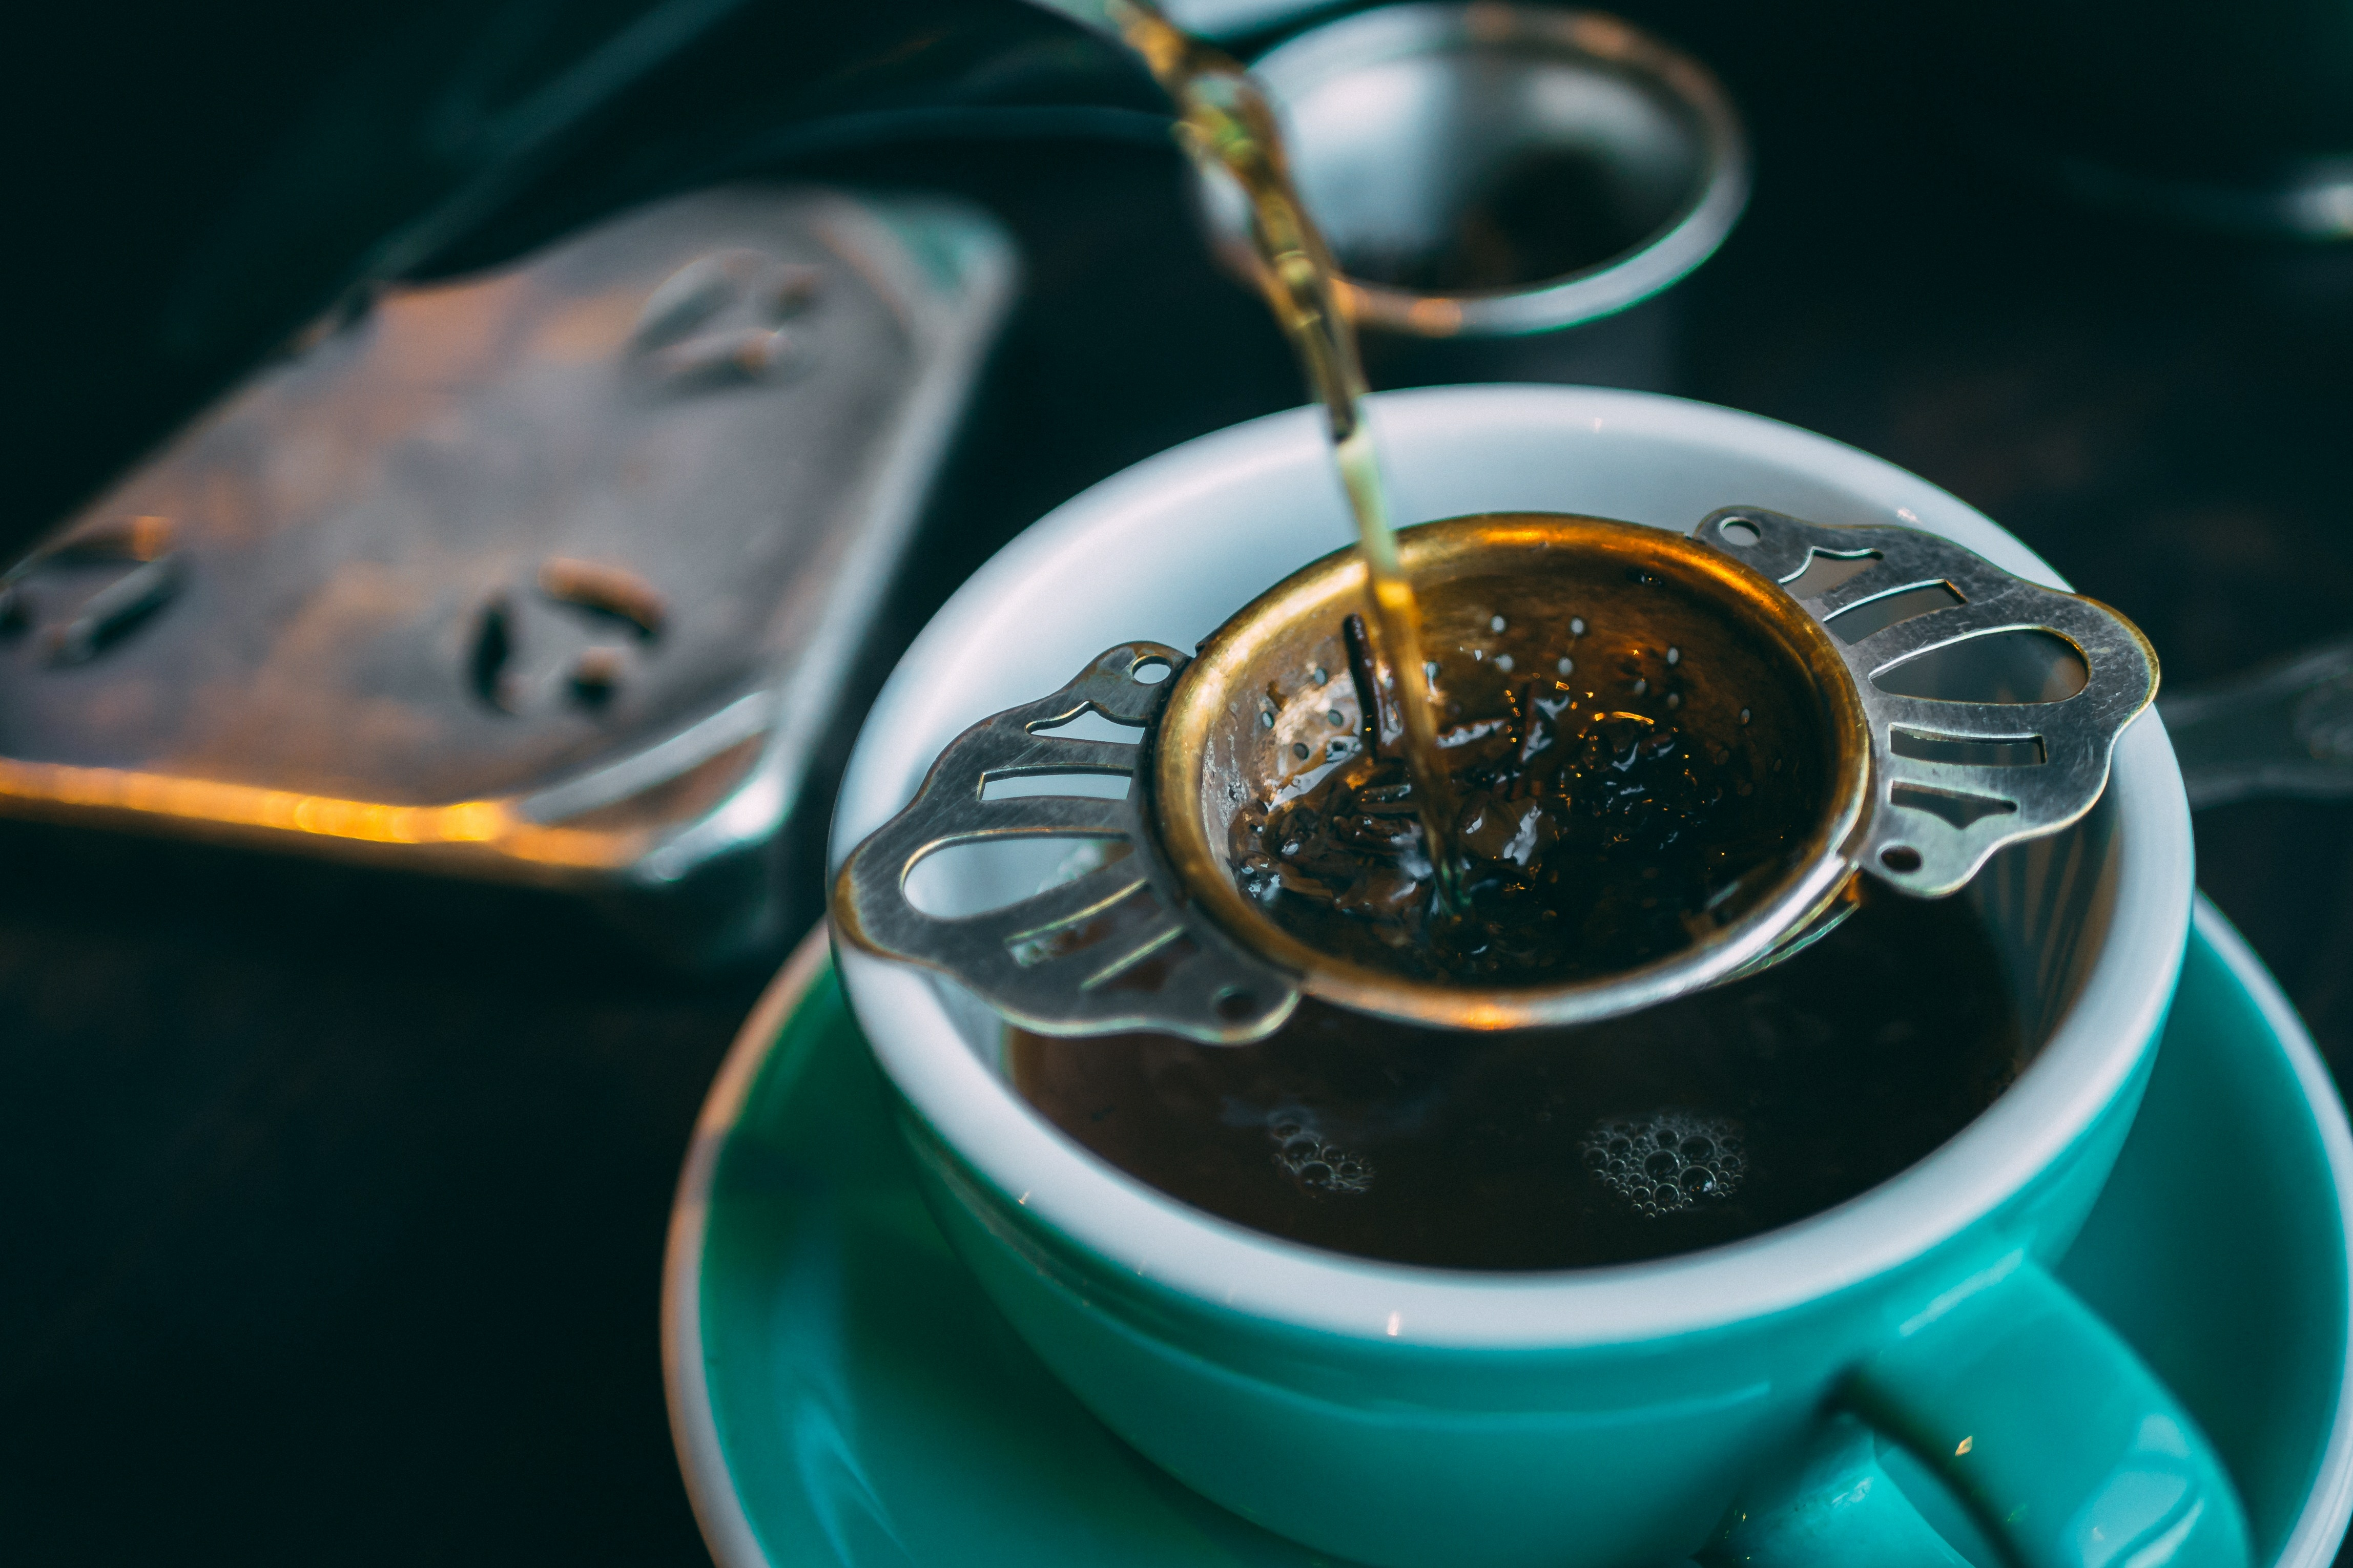 Über ein Sieb wird Tee frisch in der Tasse aufgegossen